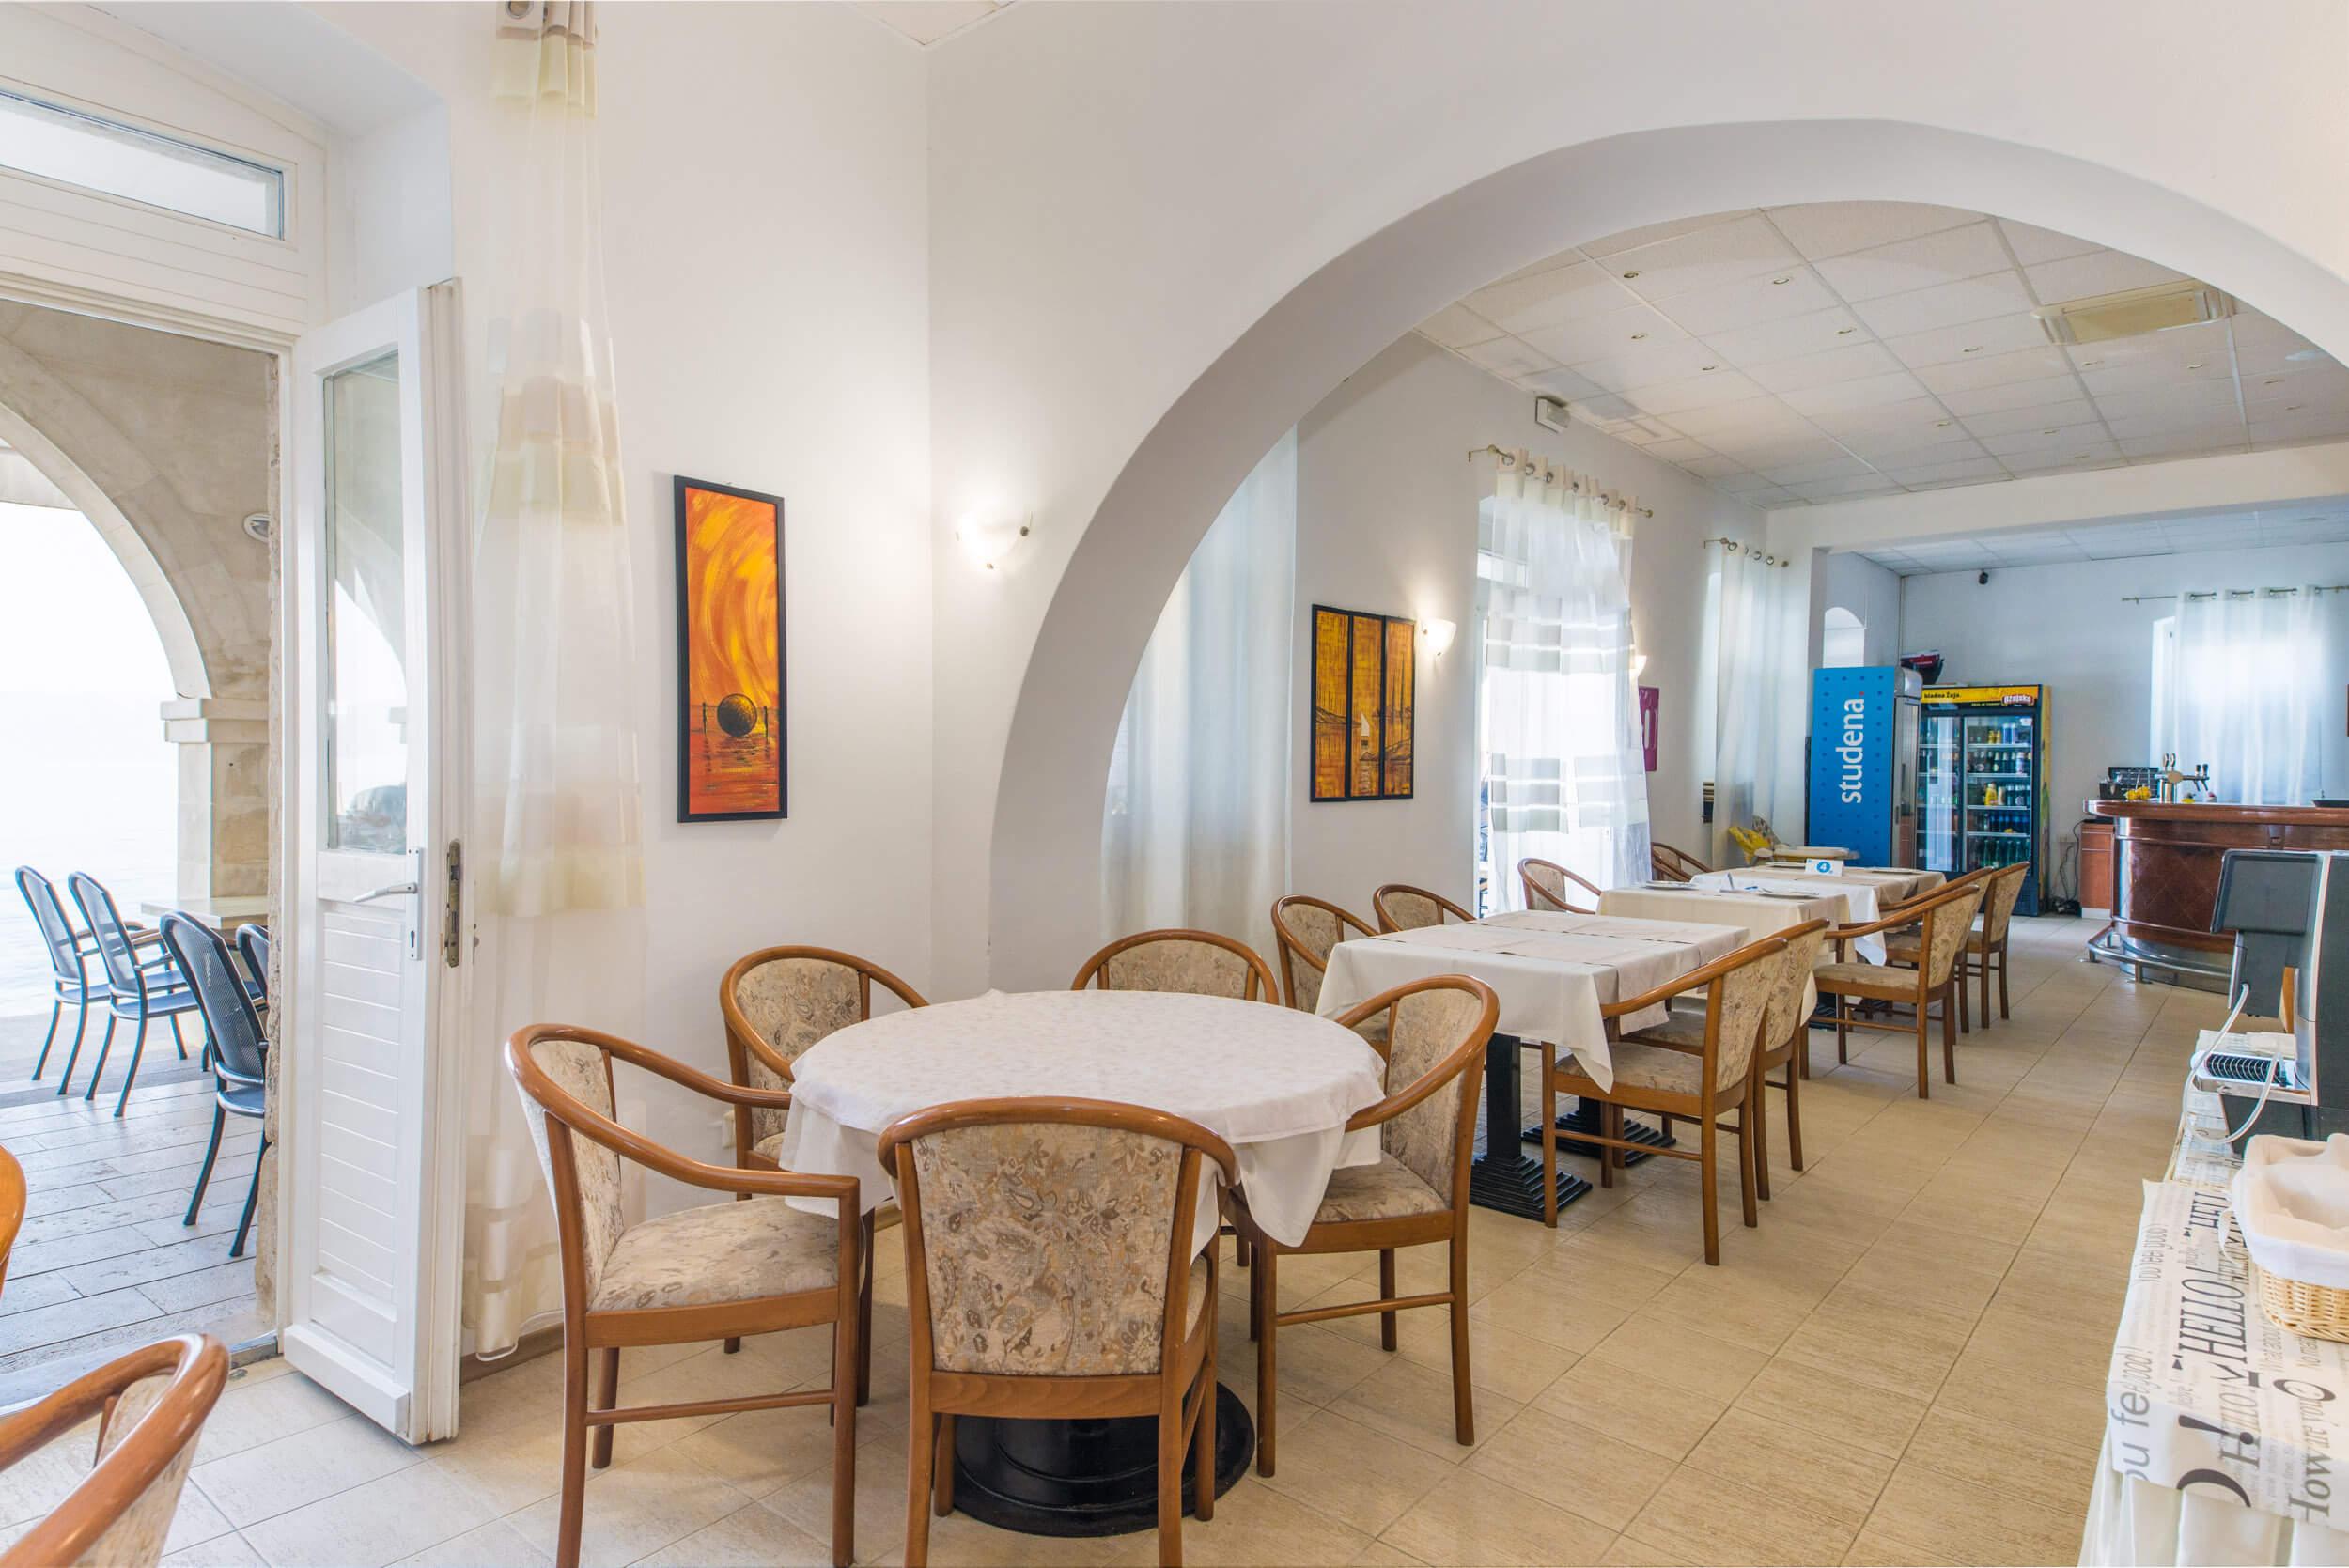 Hotel-Riva-Brist-5